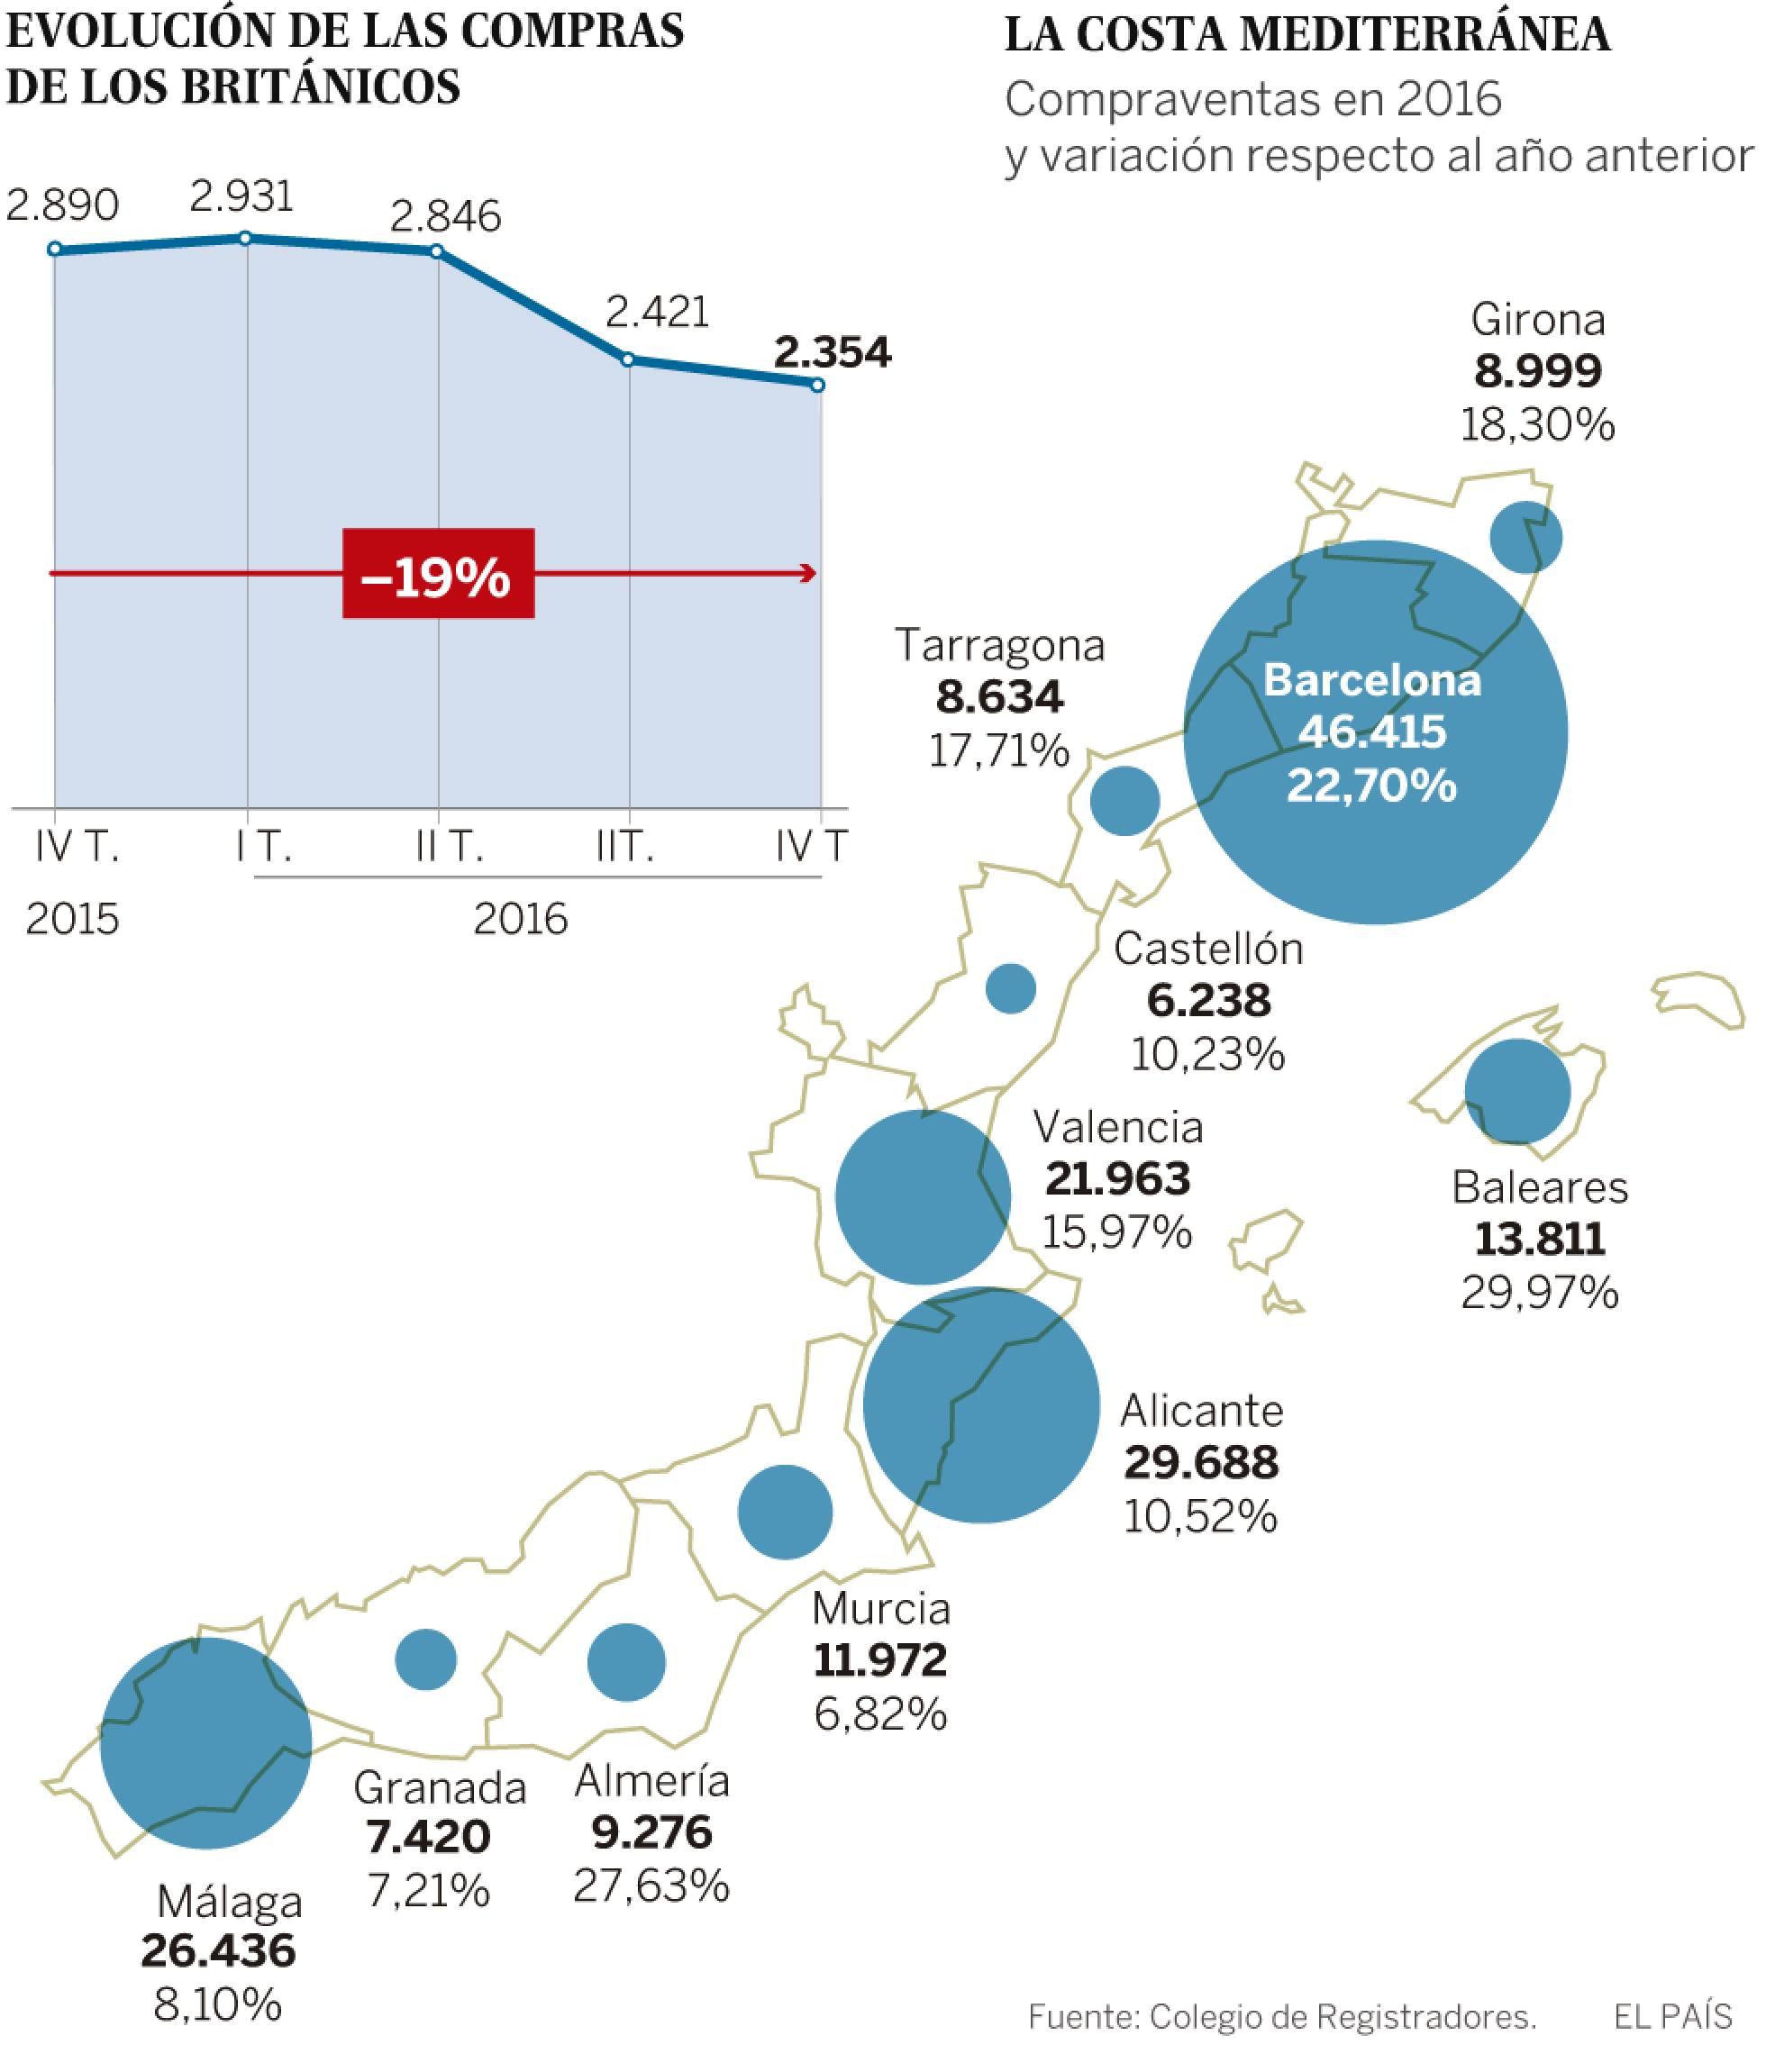 Realidades de la vivienda en el capitalismo español. Luchas contra los desahucios de viviendas. Inversiones y mercado inmobiliario - Página 19 1492108520_984456_1492108826_sumario_normal_recorte1